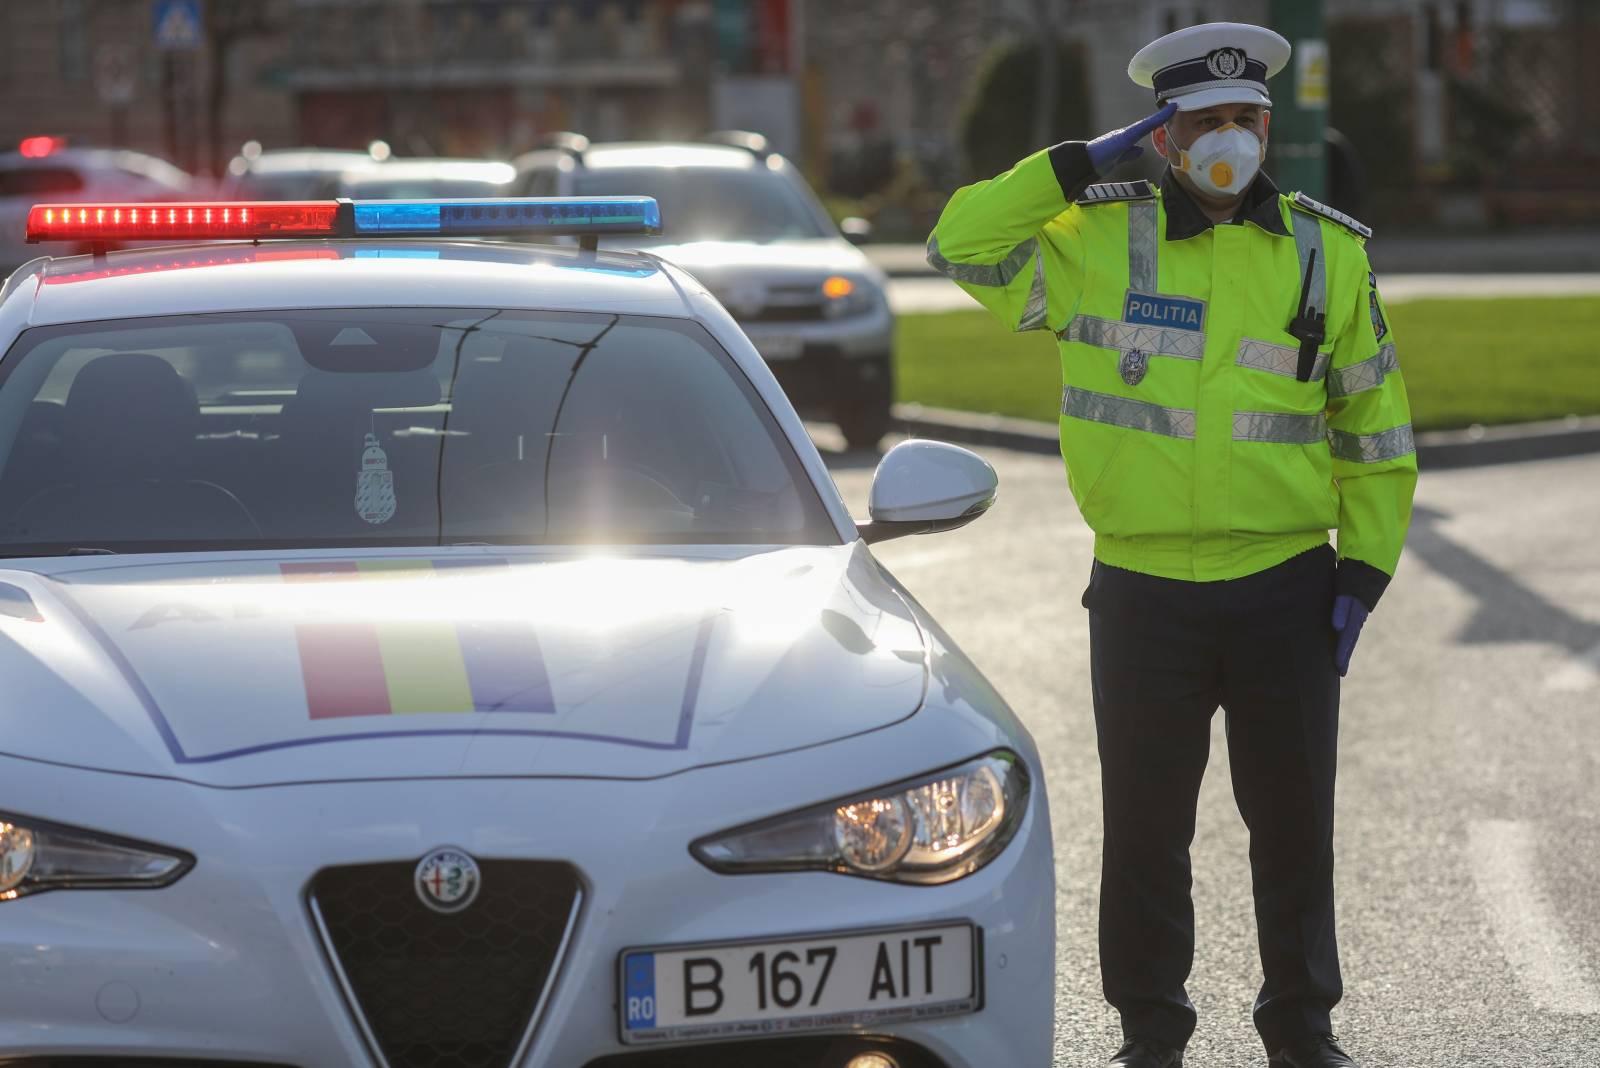 Politia Romana clarificare restrictie noapte